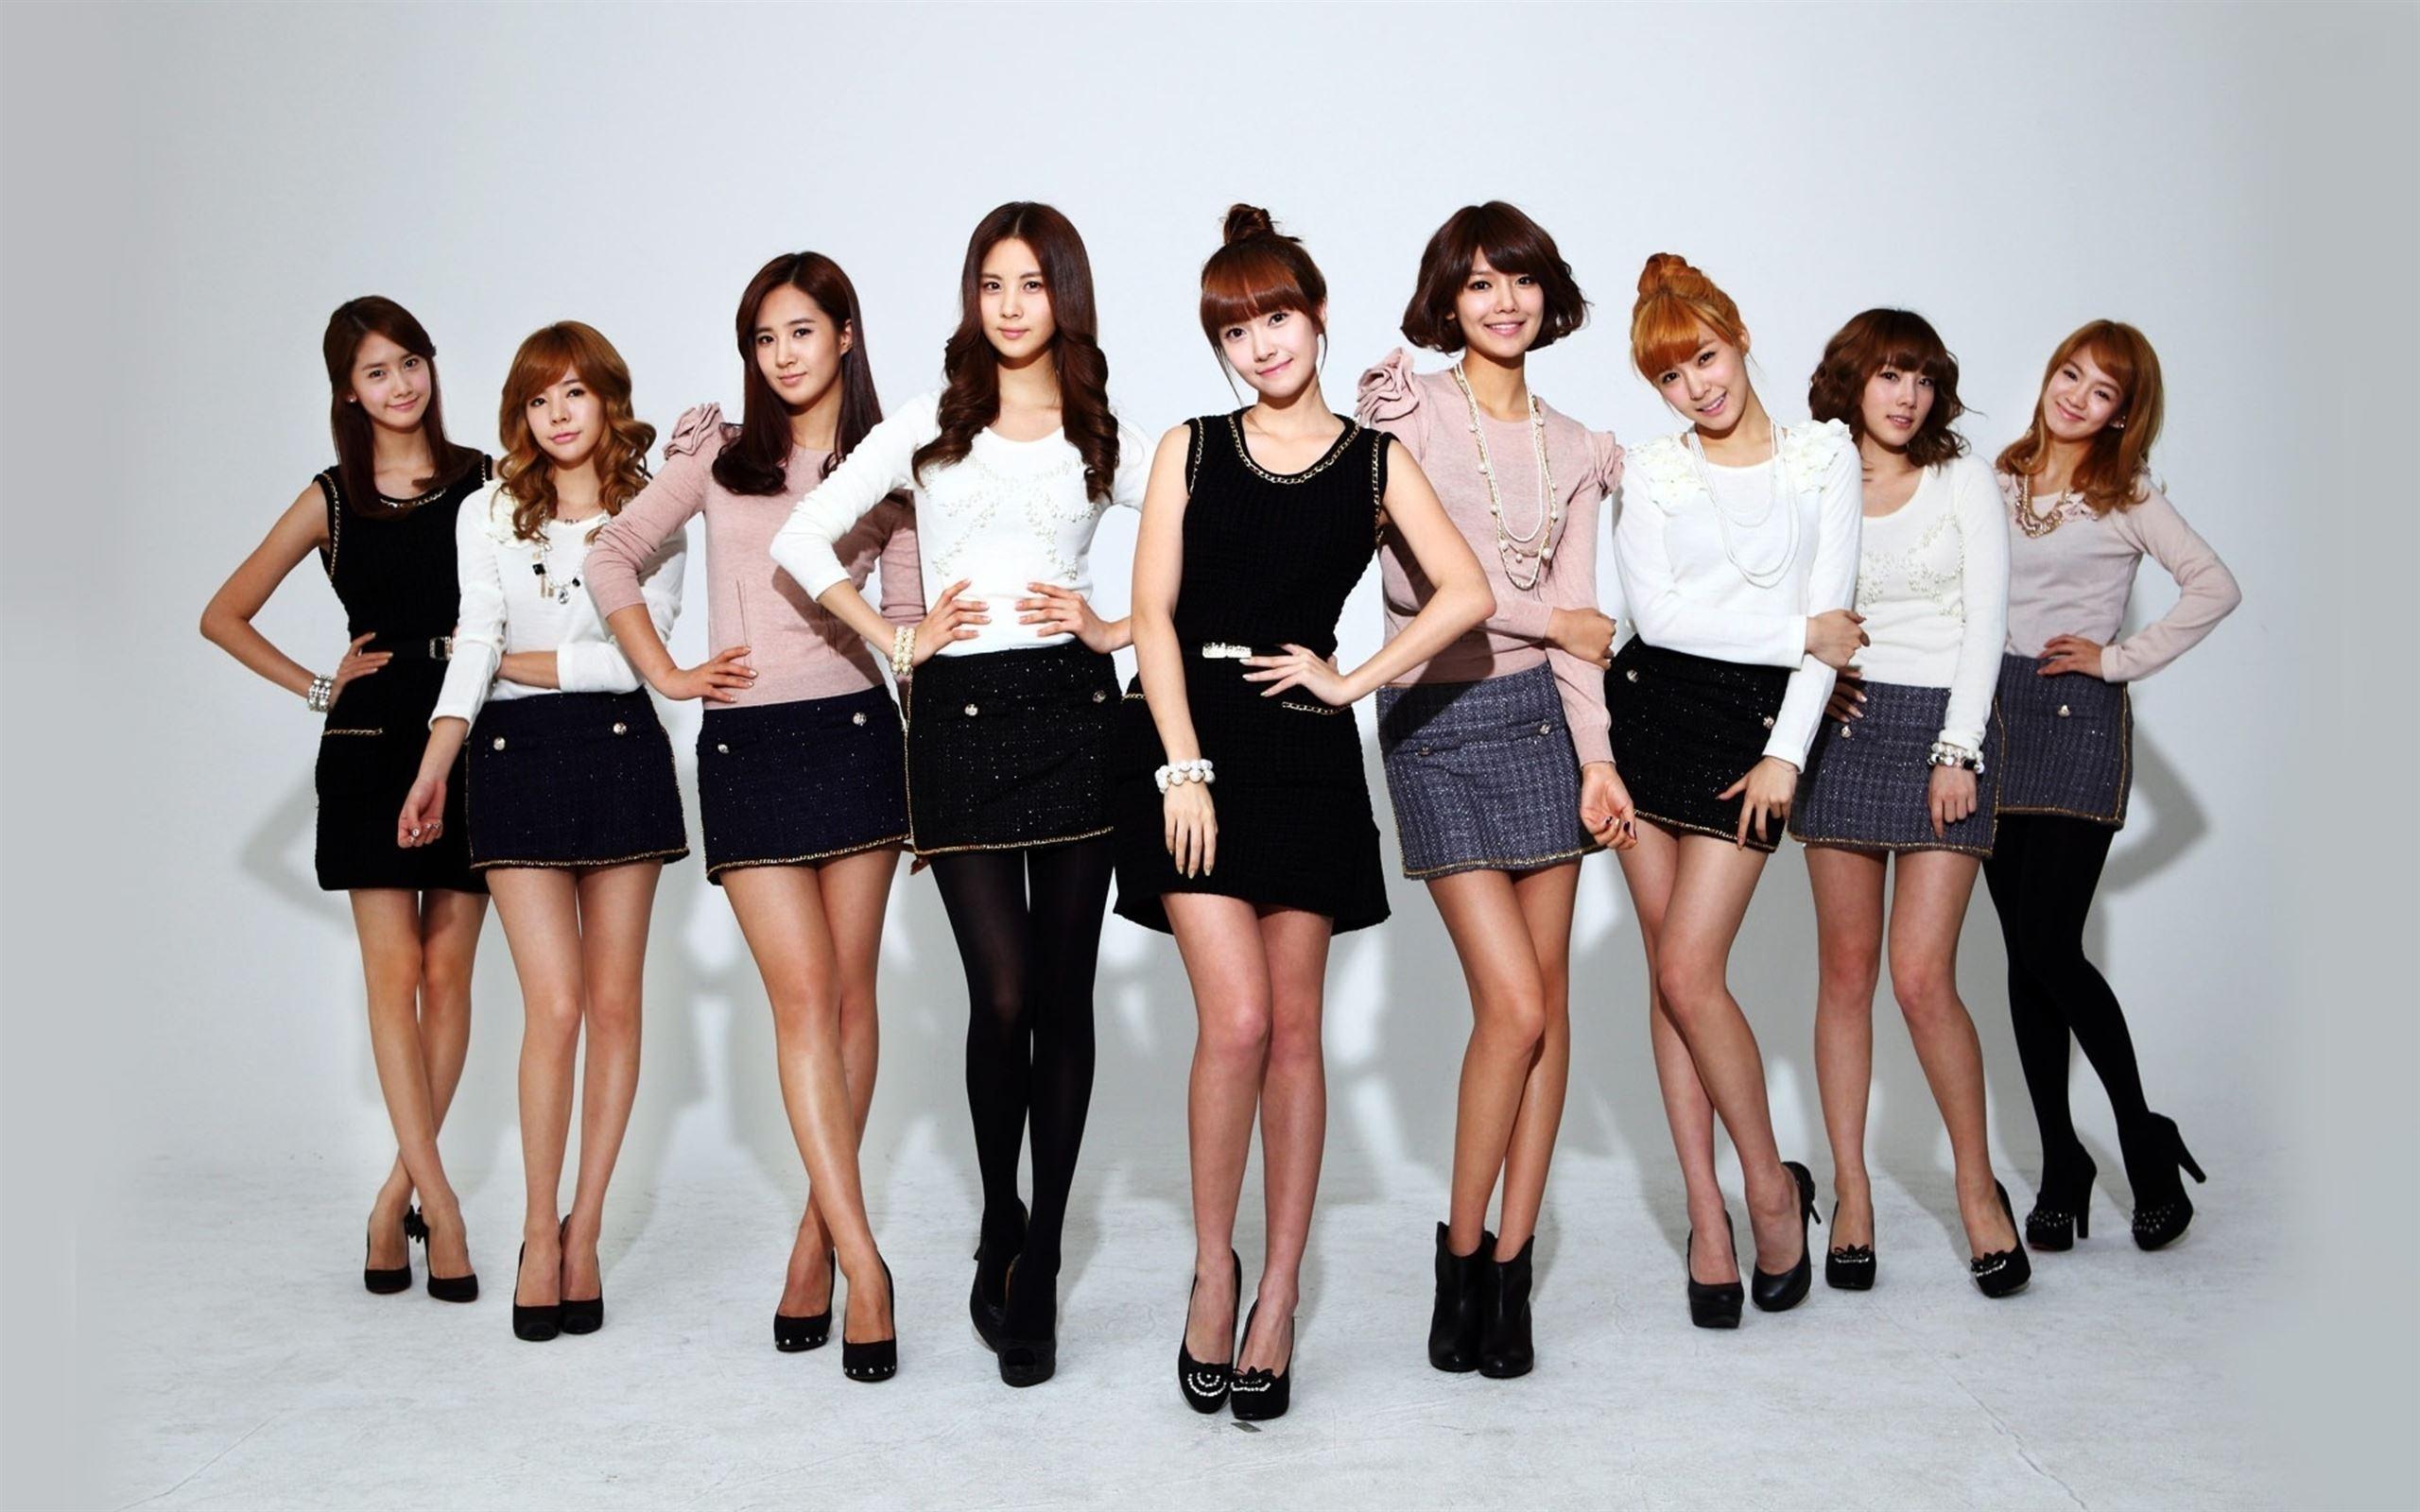 Группа шпильки ой девки 11 фотография